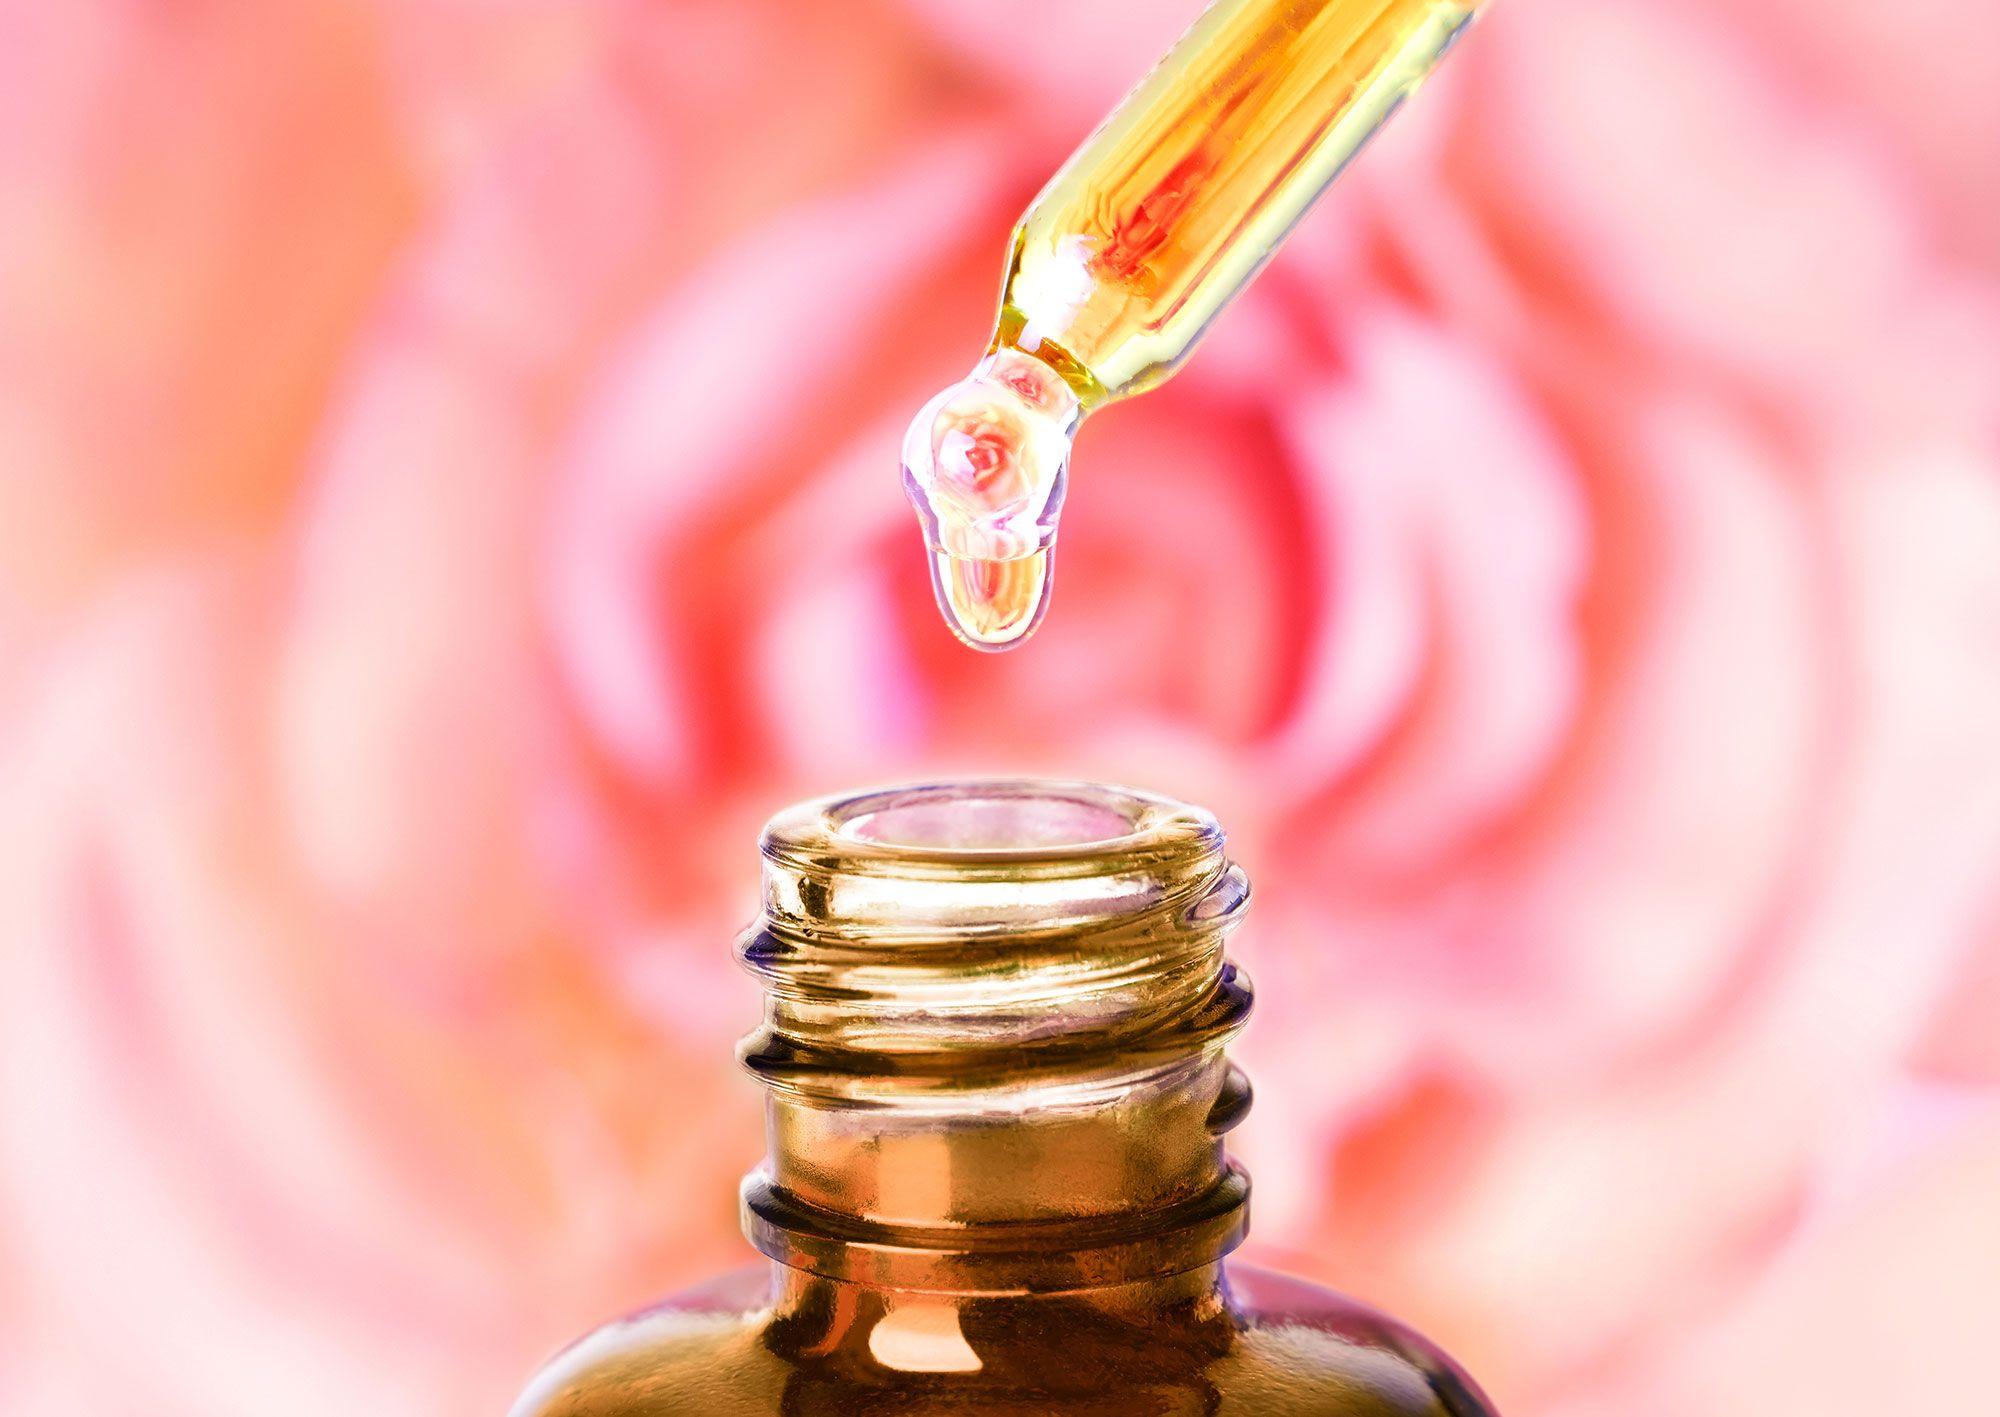 aceite rosas arrugas piel